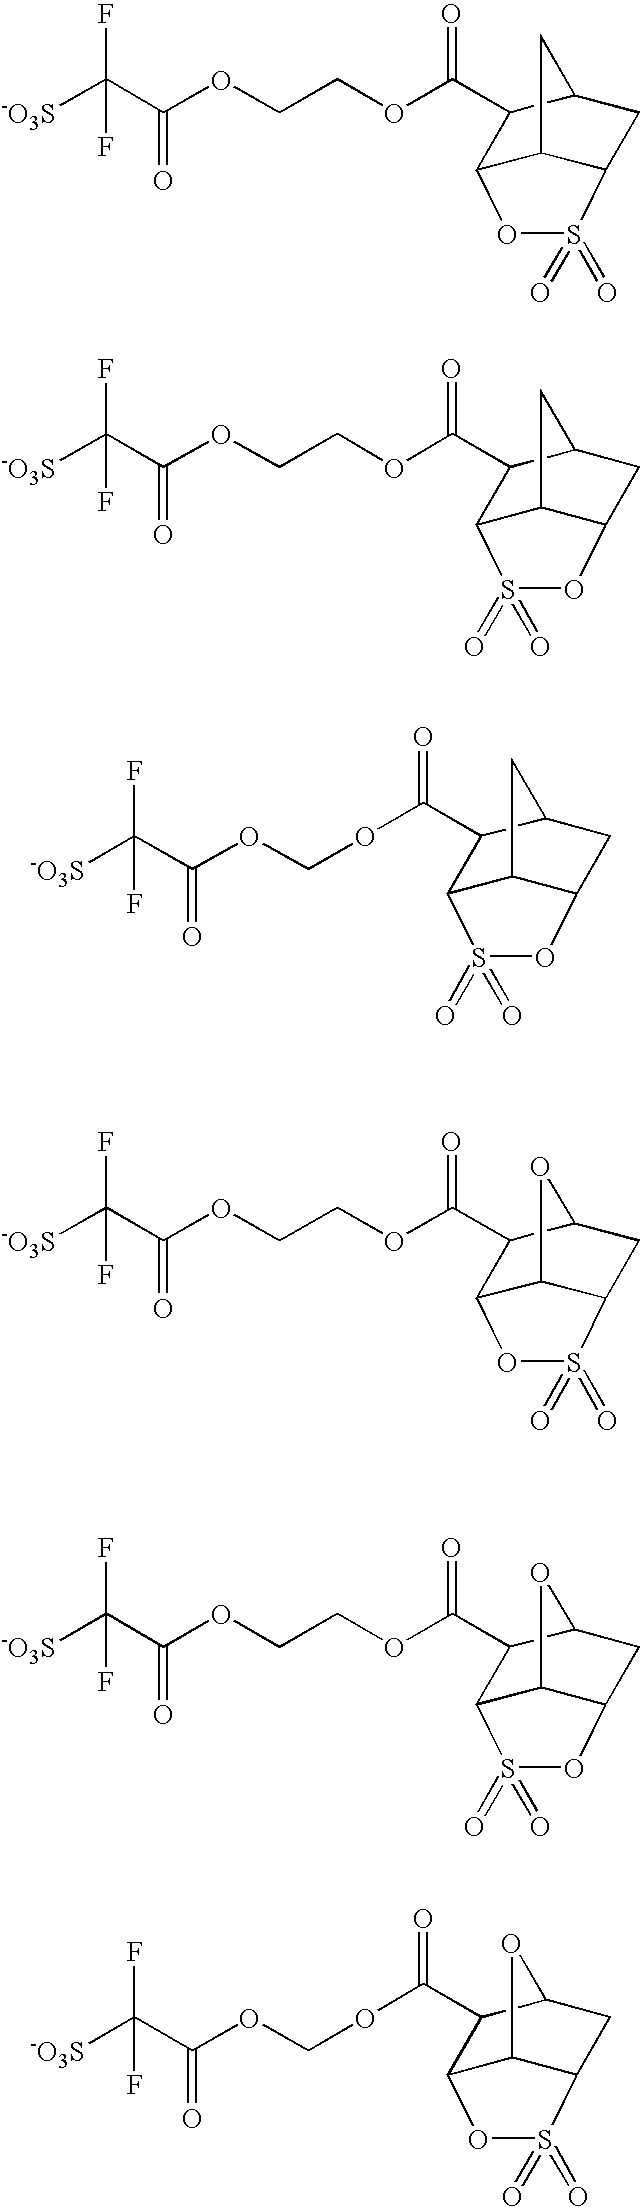 Figure US20100323296A1-20101223-C00125